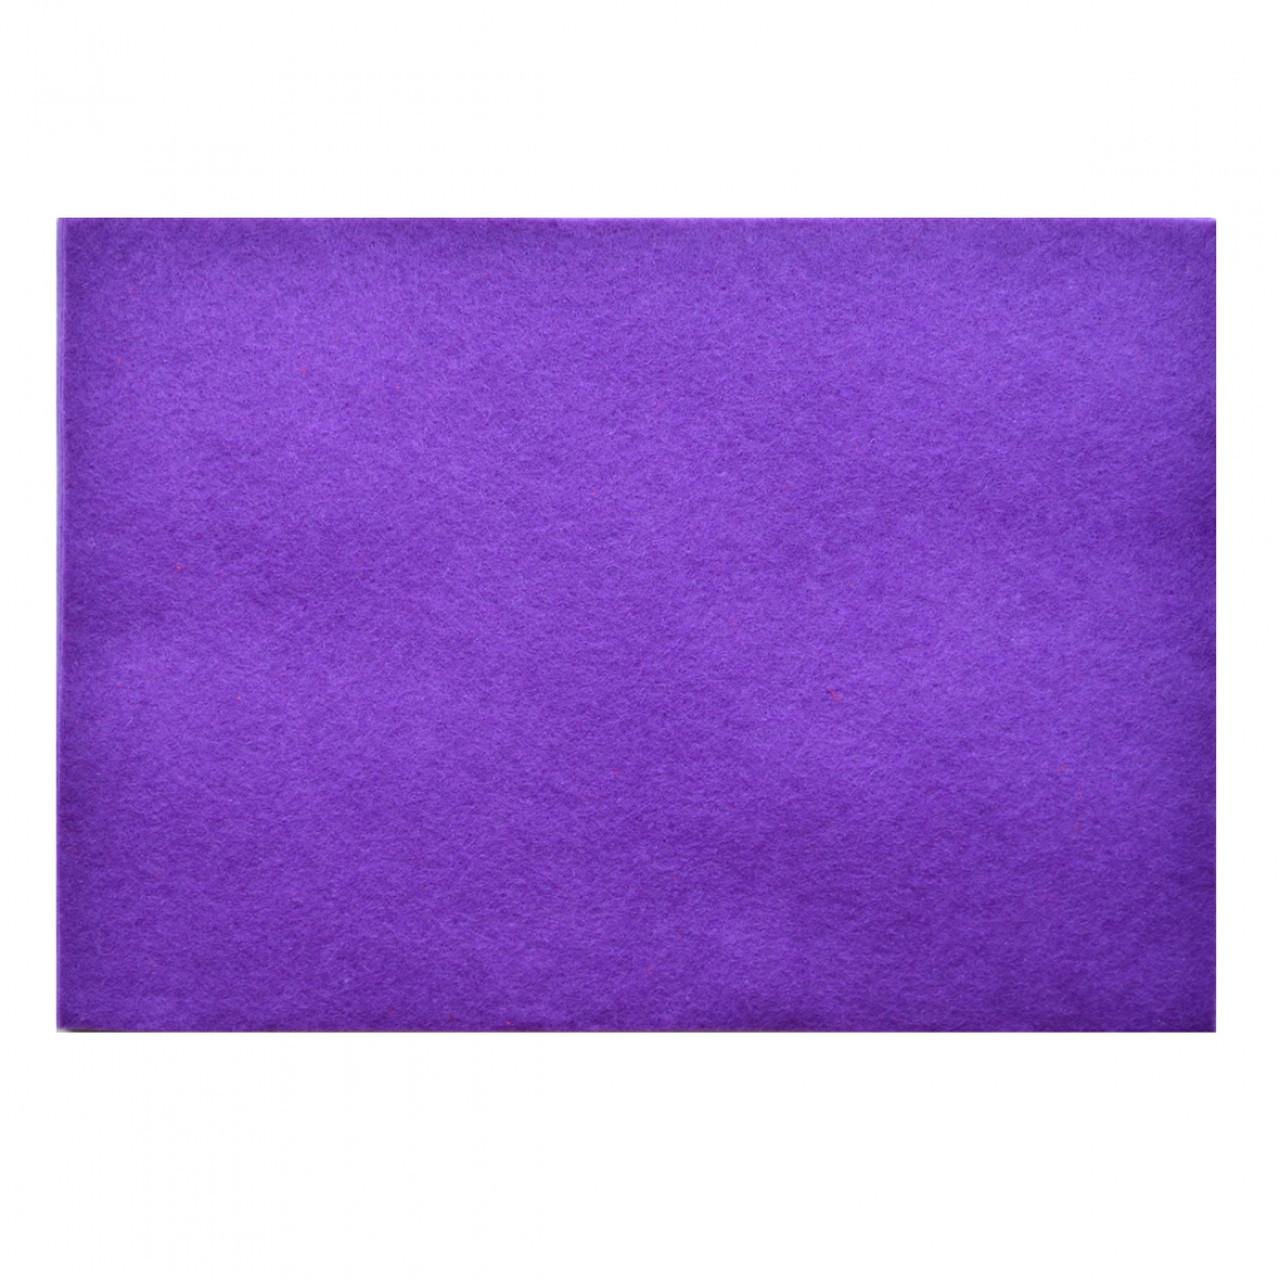 Набор Фетр мягкий, пурпурный, 21*30см, 10листов (Иран)